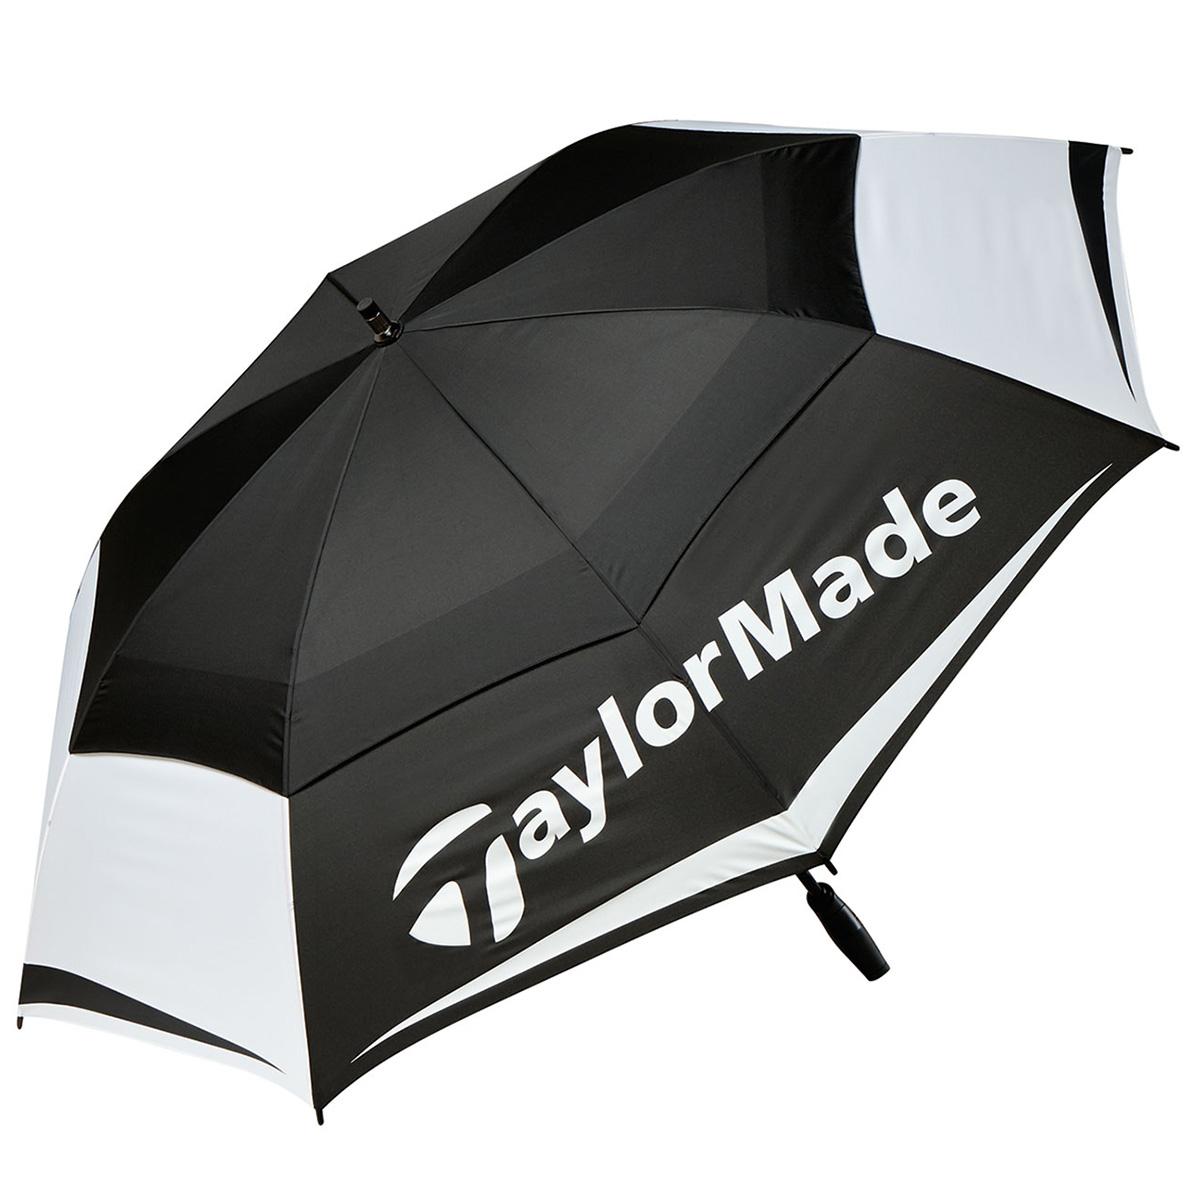 Tour Double Canopy Regenschirm, schwarz